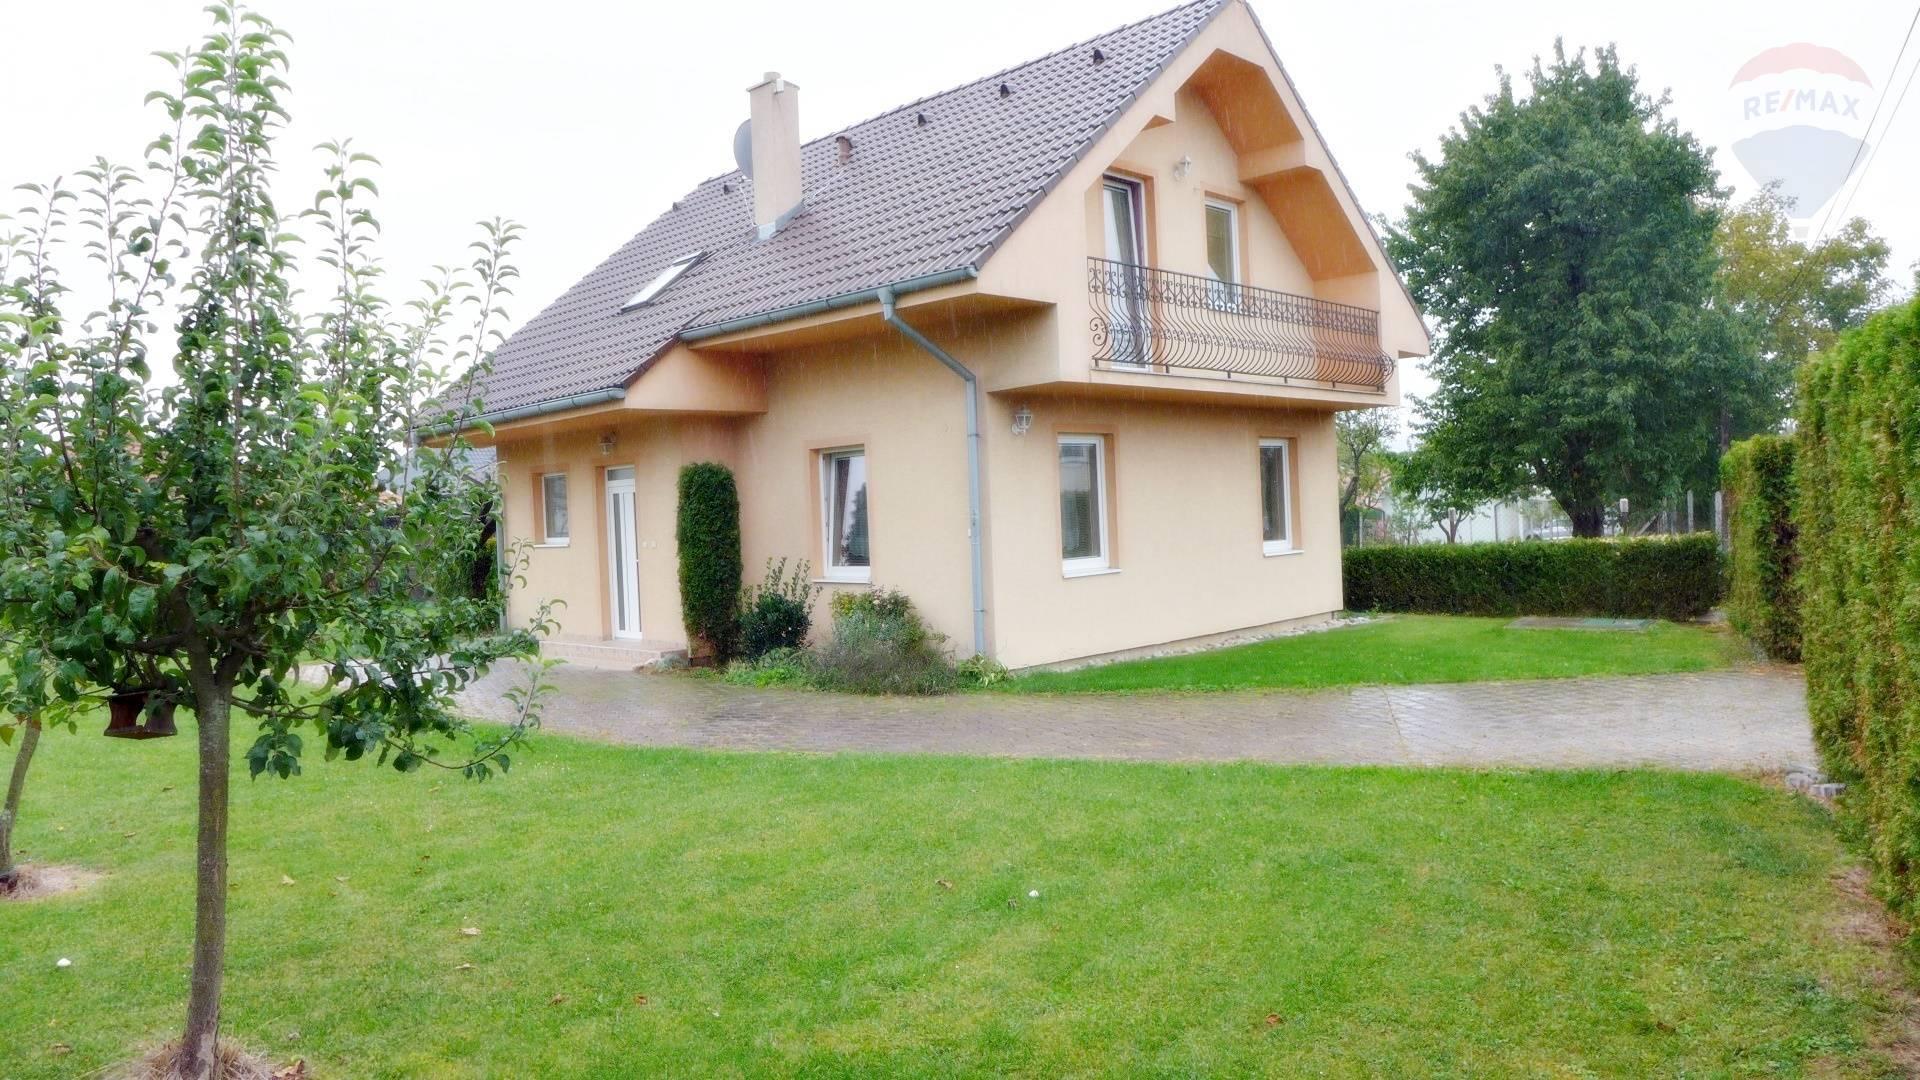 REZERVOVANÉ - Rodinný dom na parcele 700 m2 v obci Bystričany okres Prievidza